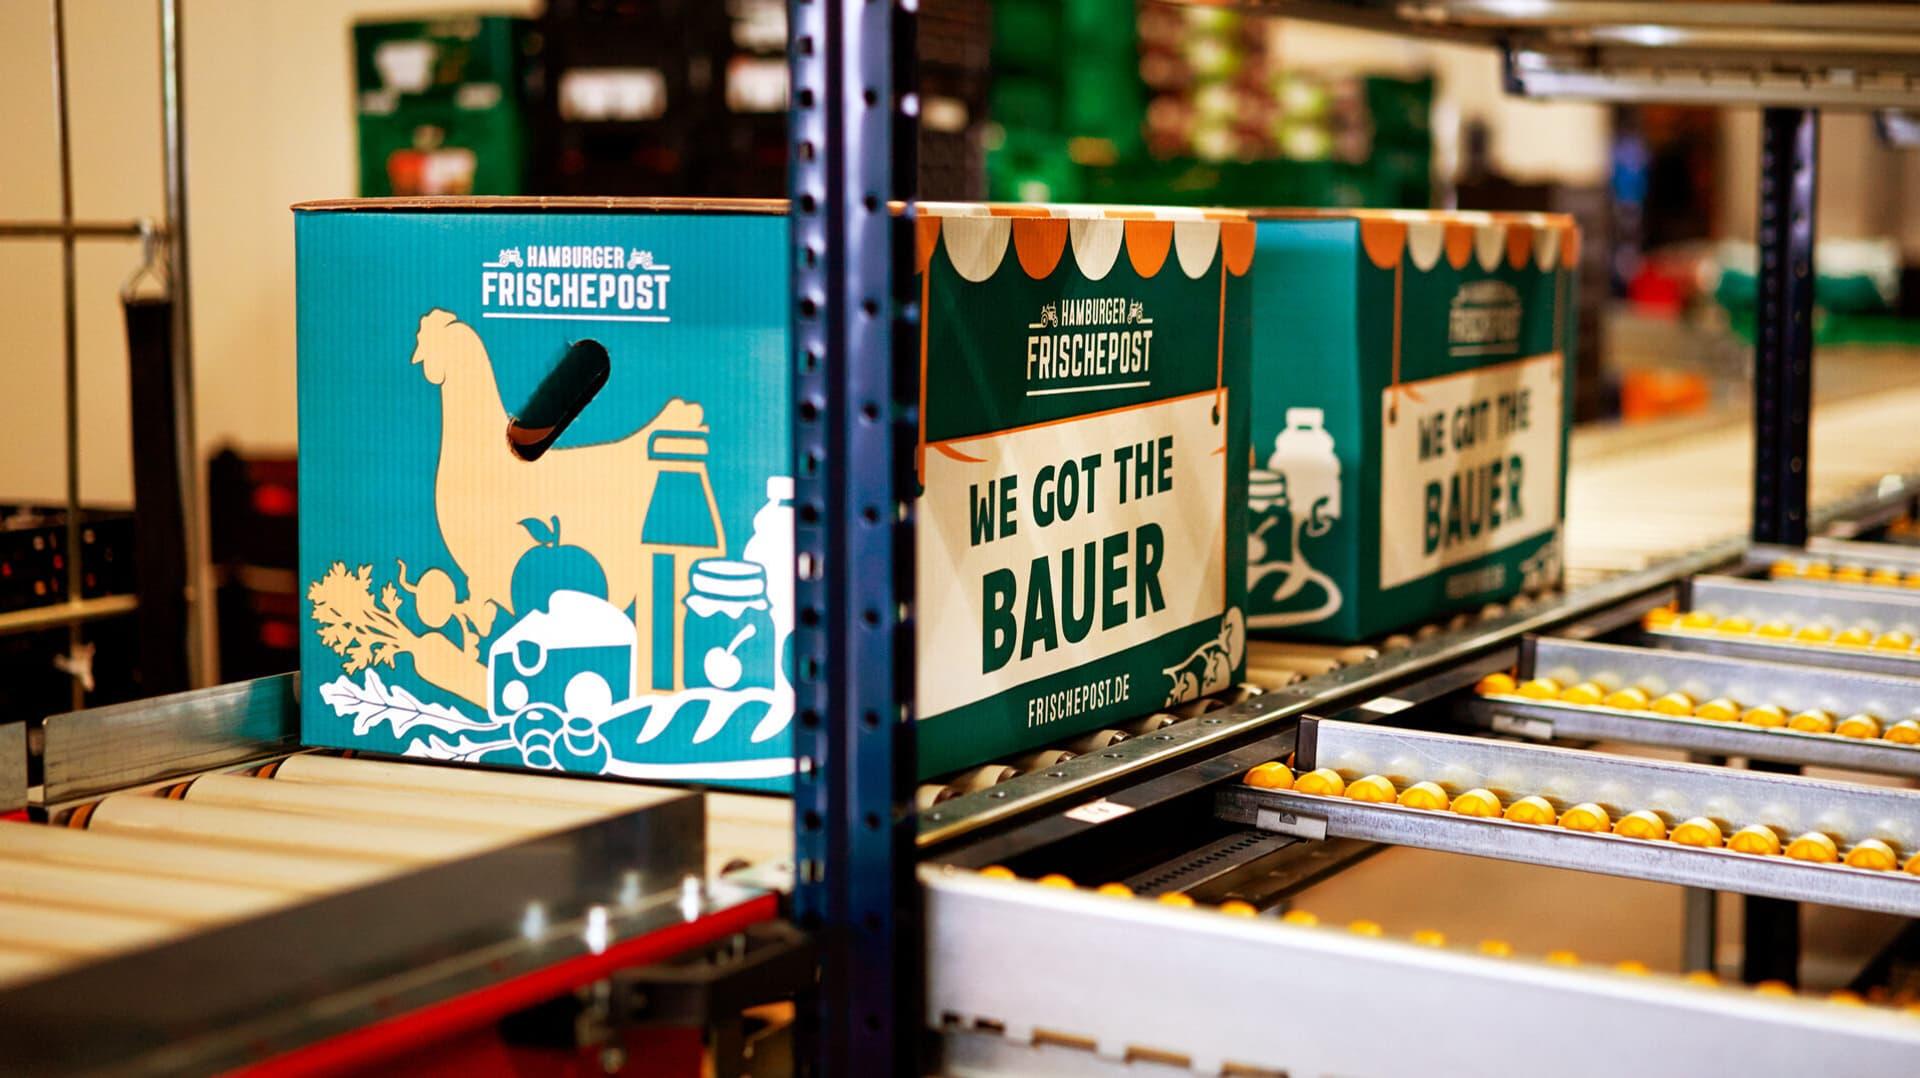 Kisten der Hamburger Frischepost auf einem Lanfband